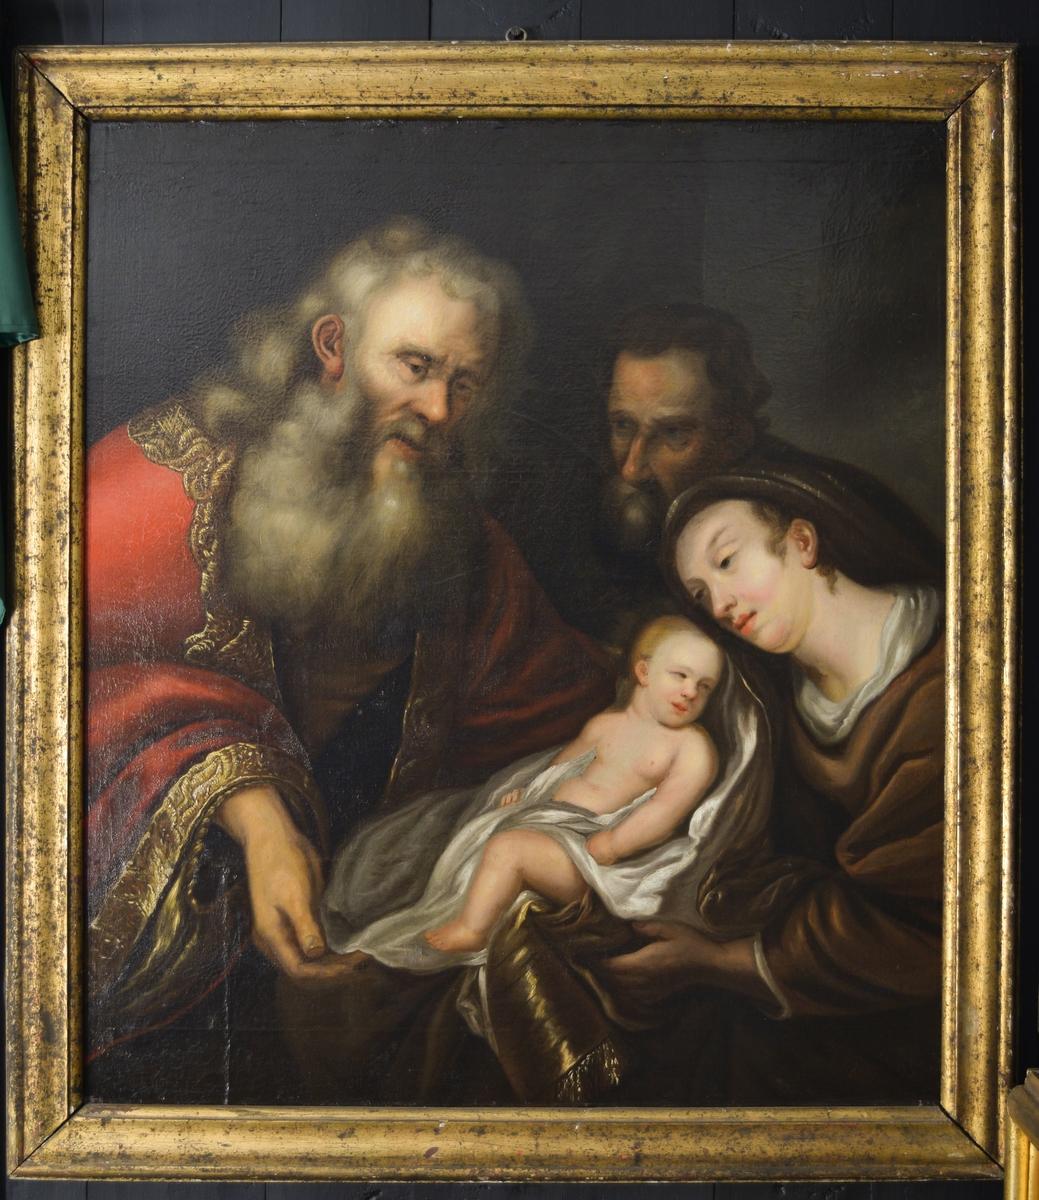 Til venstre Gud med grått hår og skjegg i rød kappe besatt med gylne bånd. I midten, delvis i hvitt klede, Jesus-barnet som holdes av Madonna til høyre. Hun er kledt i brunt og noe hvitt. Bak skuler Josef mot Gud. Mørk bakgrunn.